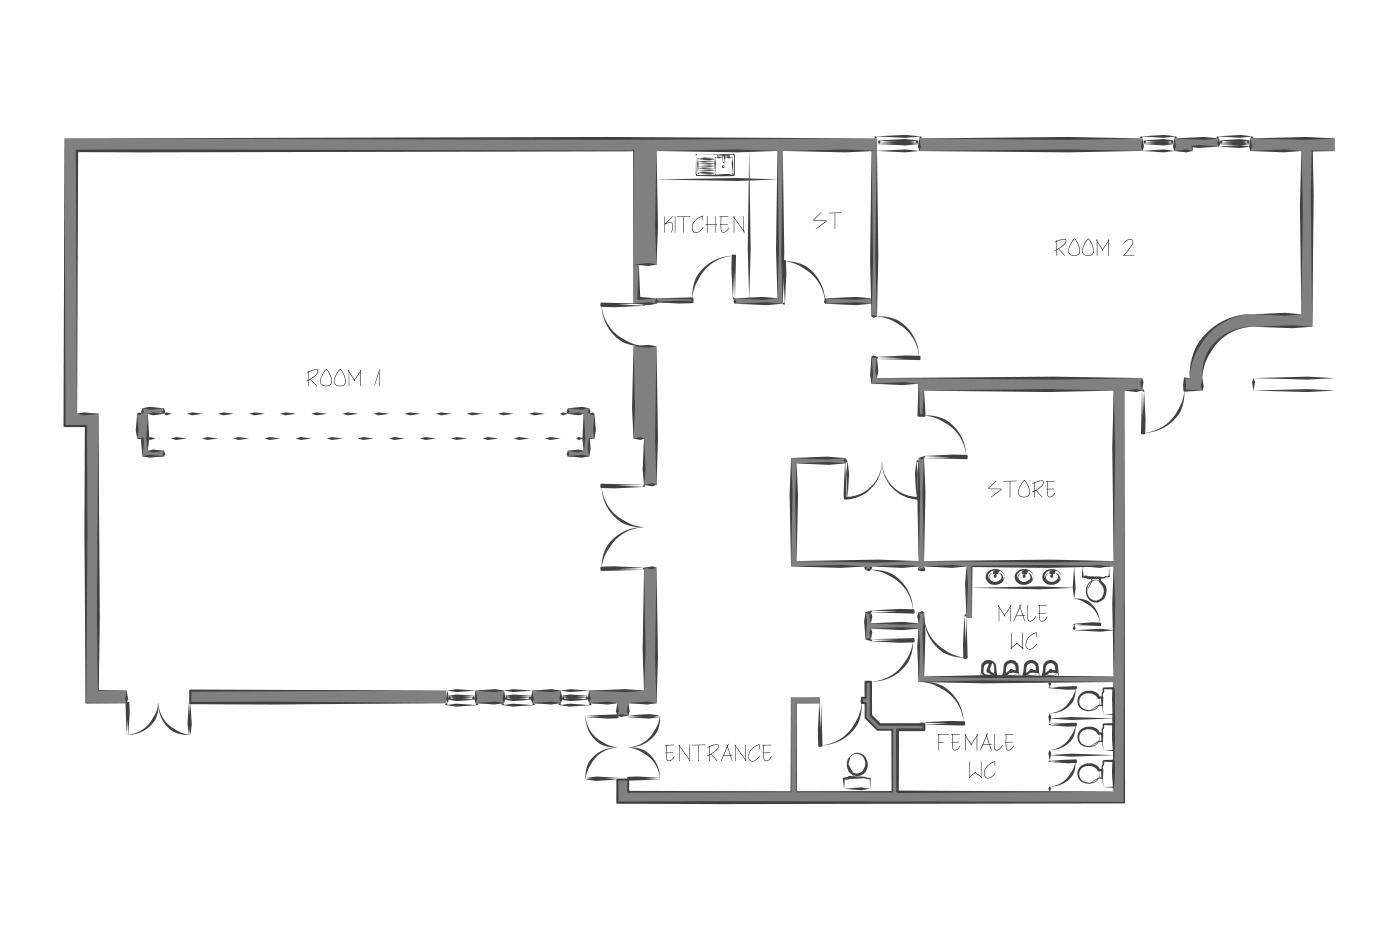 Briar Hill community centre floor plan